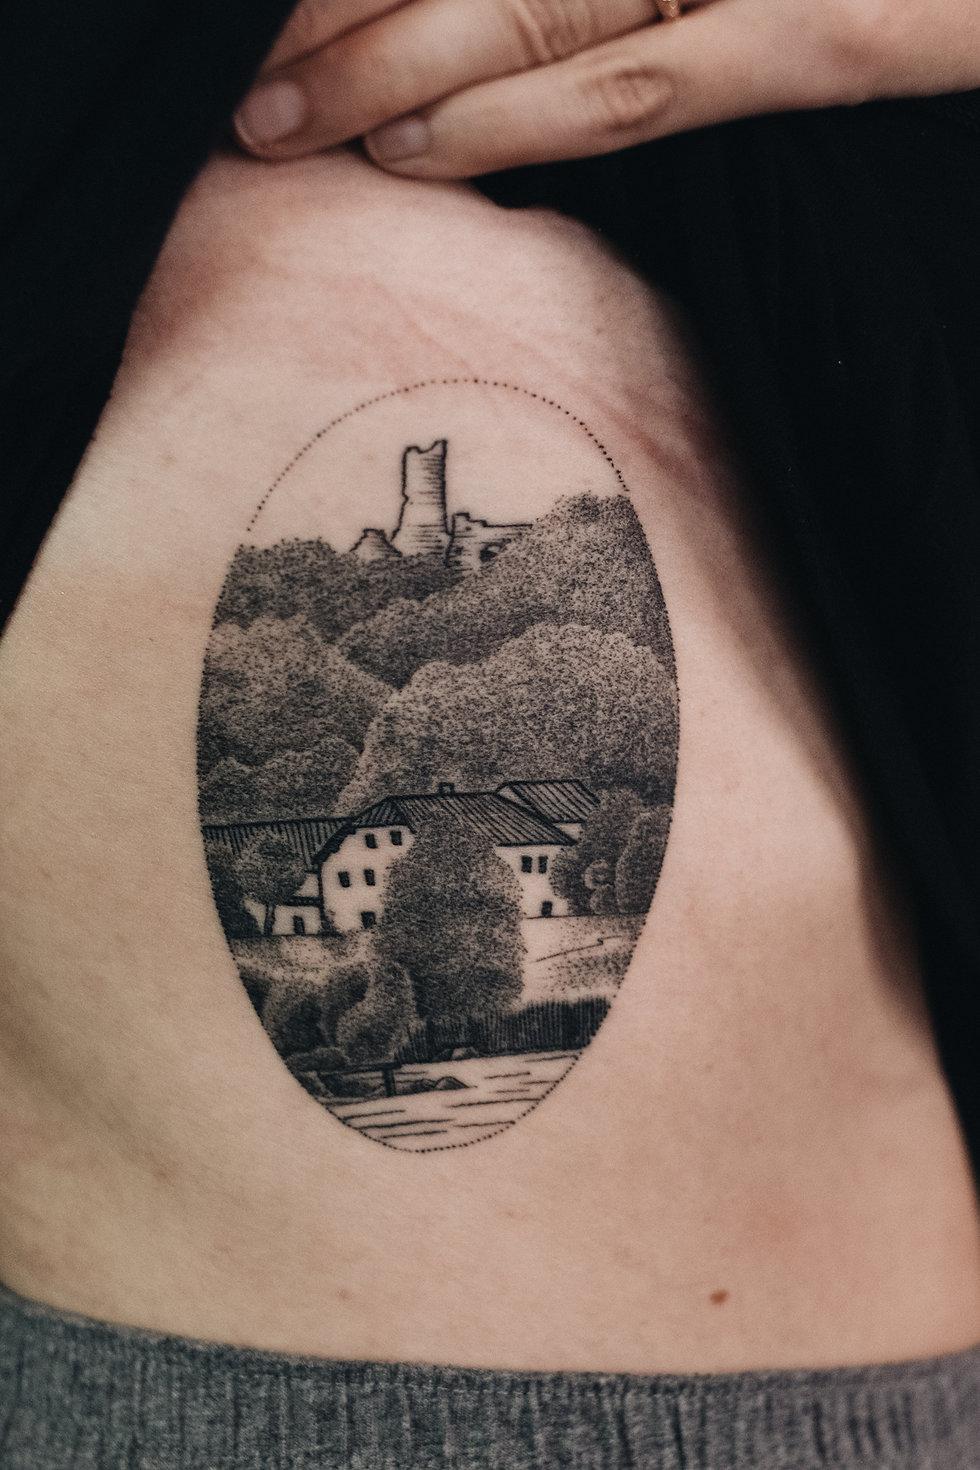 Landschafts Tattoo, Dotwork, Permanent Postcard Rippen Tattoo von Bob Fizz, MINT CLUB Tattoo Salzburg